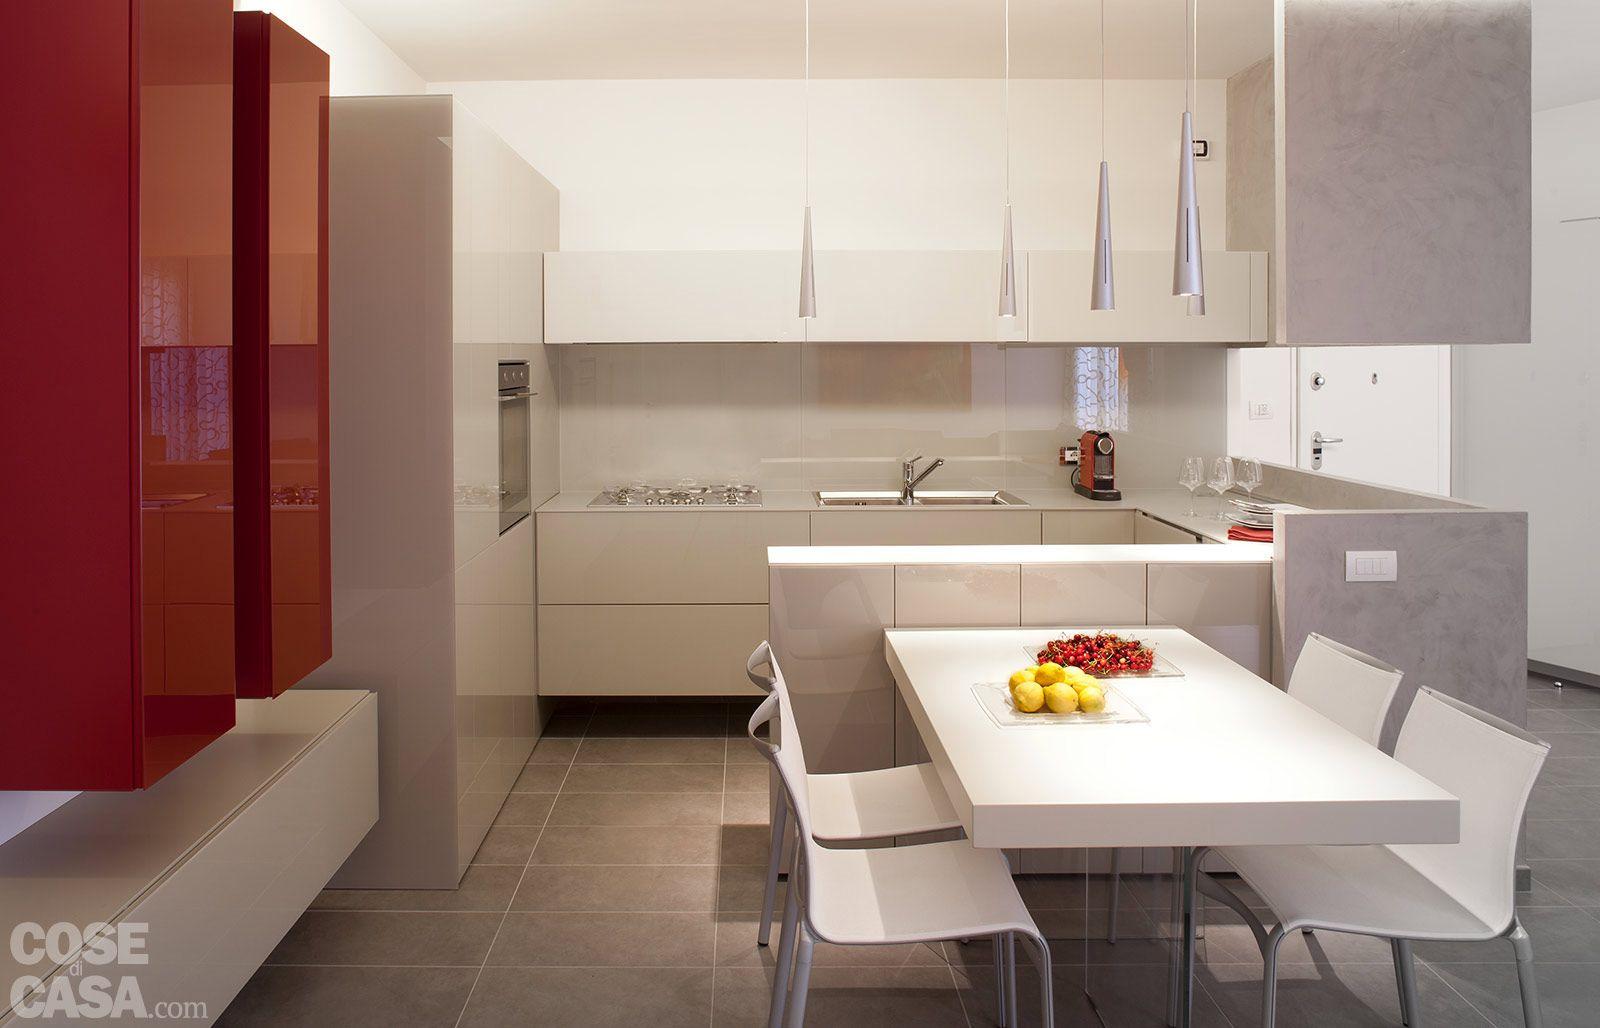 La cucina in soggiorno la stampa. Cucina Soggiorno Open Space Soggiorno Progettazione Di Una Cucina Moderna Tavolo Da Pranzo Bianco Arredamento Sala E Cucina